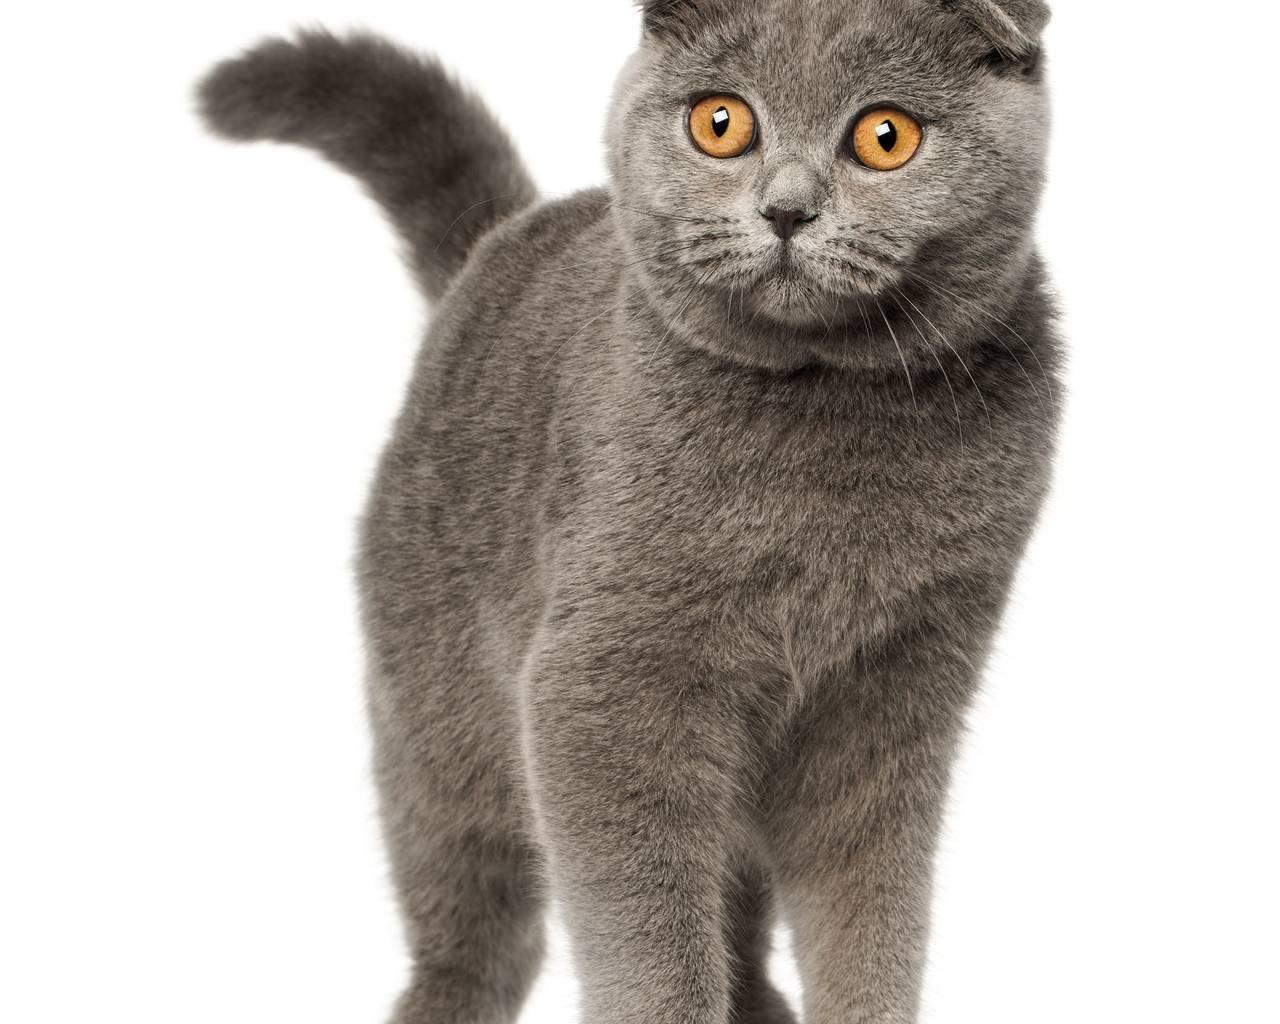 Голубые вислоухие британцы — как эти коты и кошки выглядят на фото?